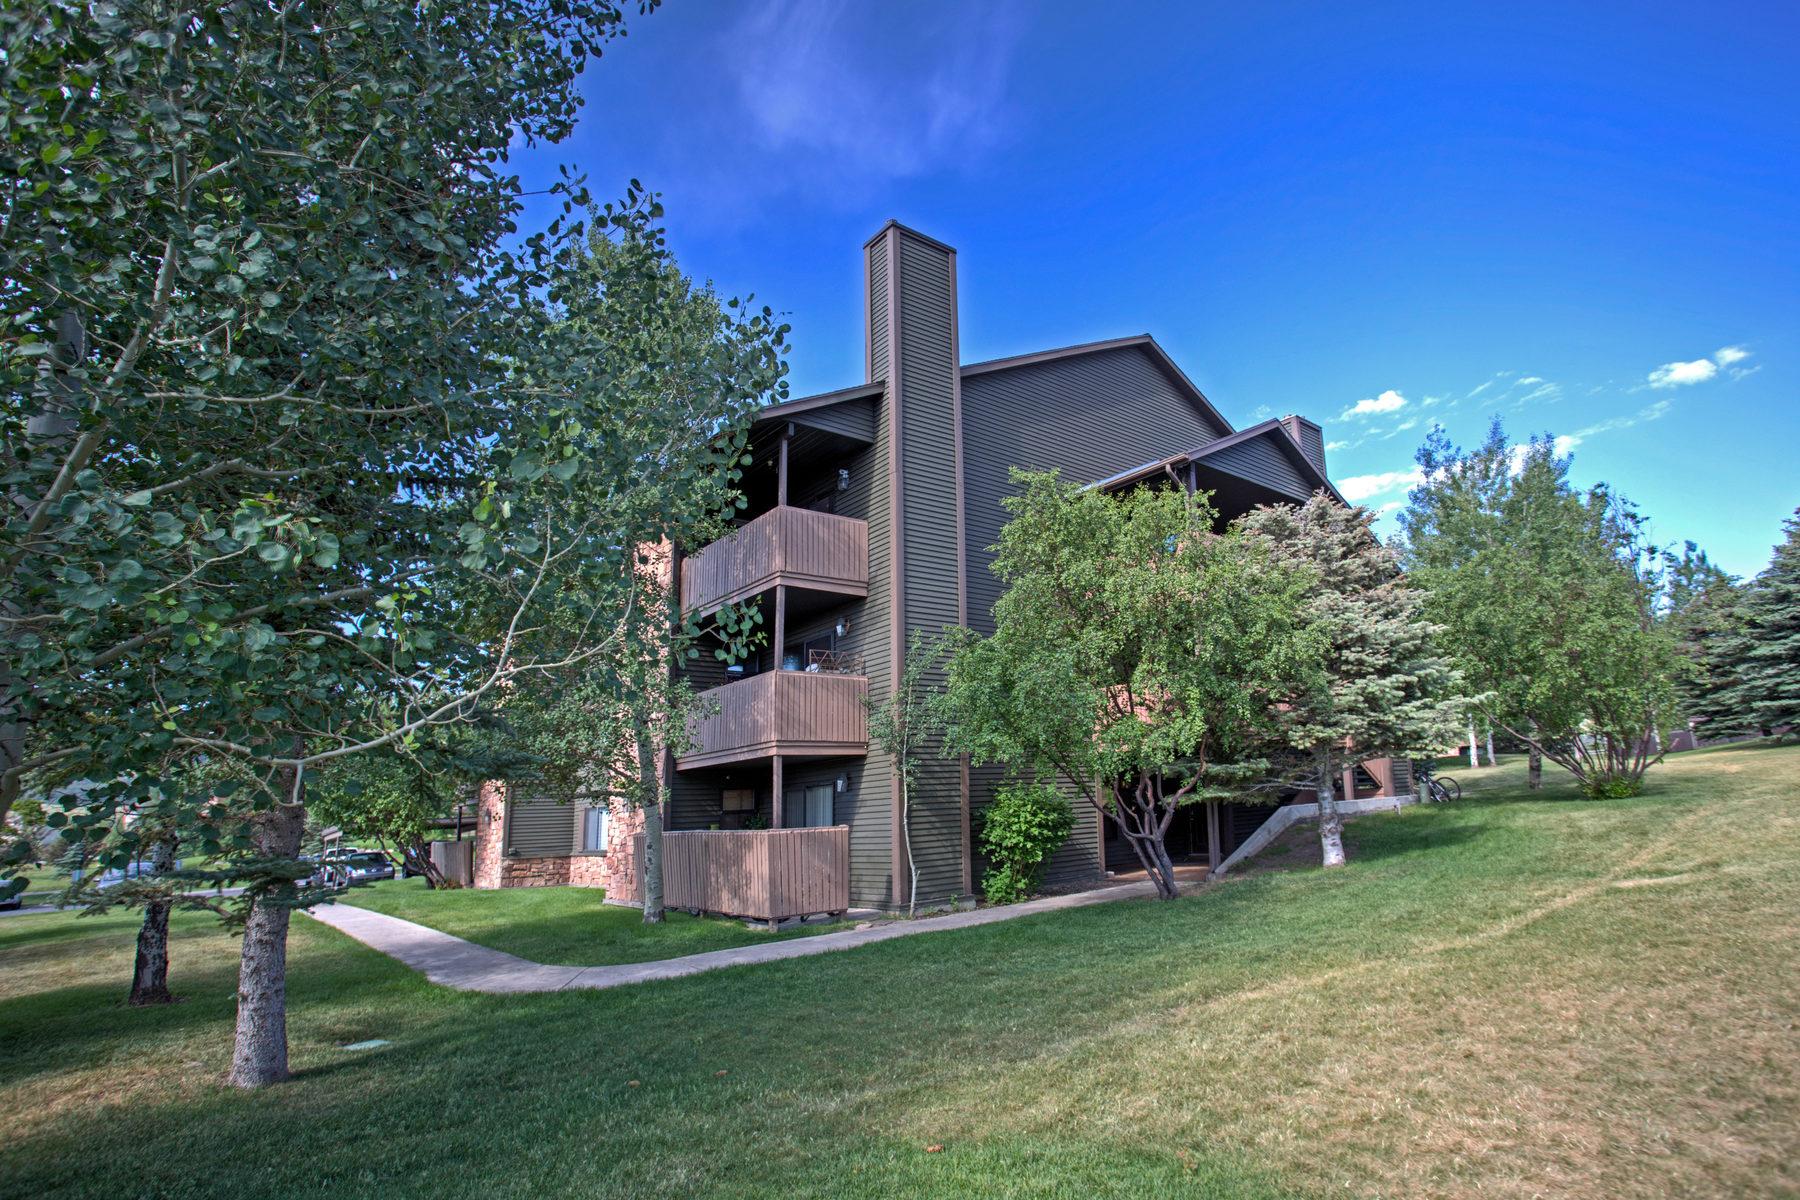 Кооперативная квартира для того Продажа на Quiet Two Bedroom Loft Condo 6821 North 2200 West #11K Park City, Юта, 84098 Соединенные Штаты